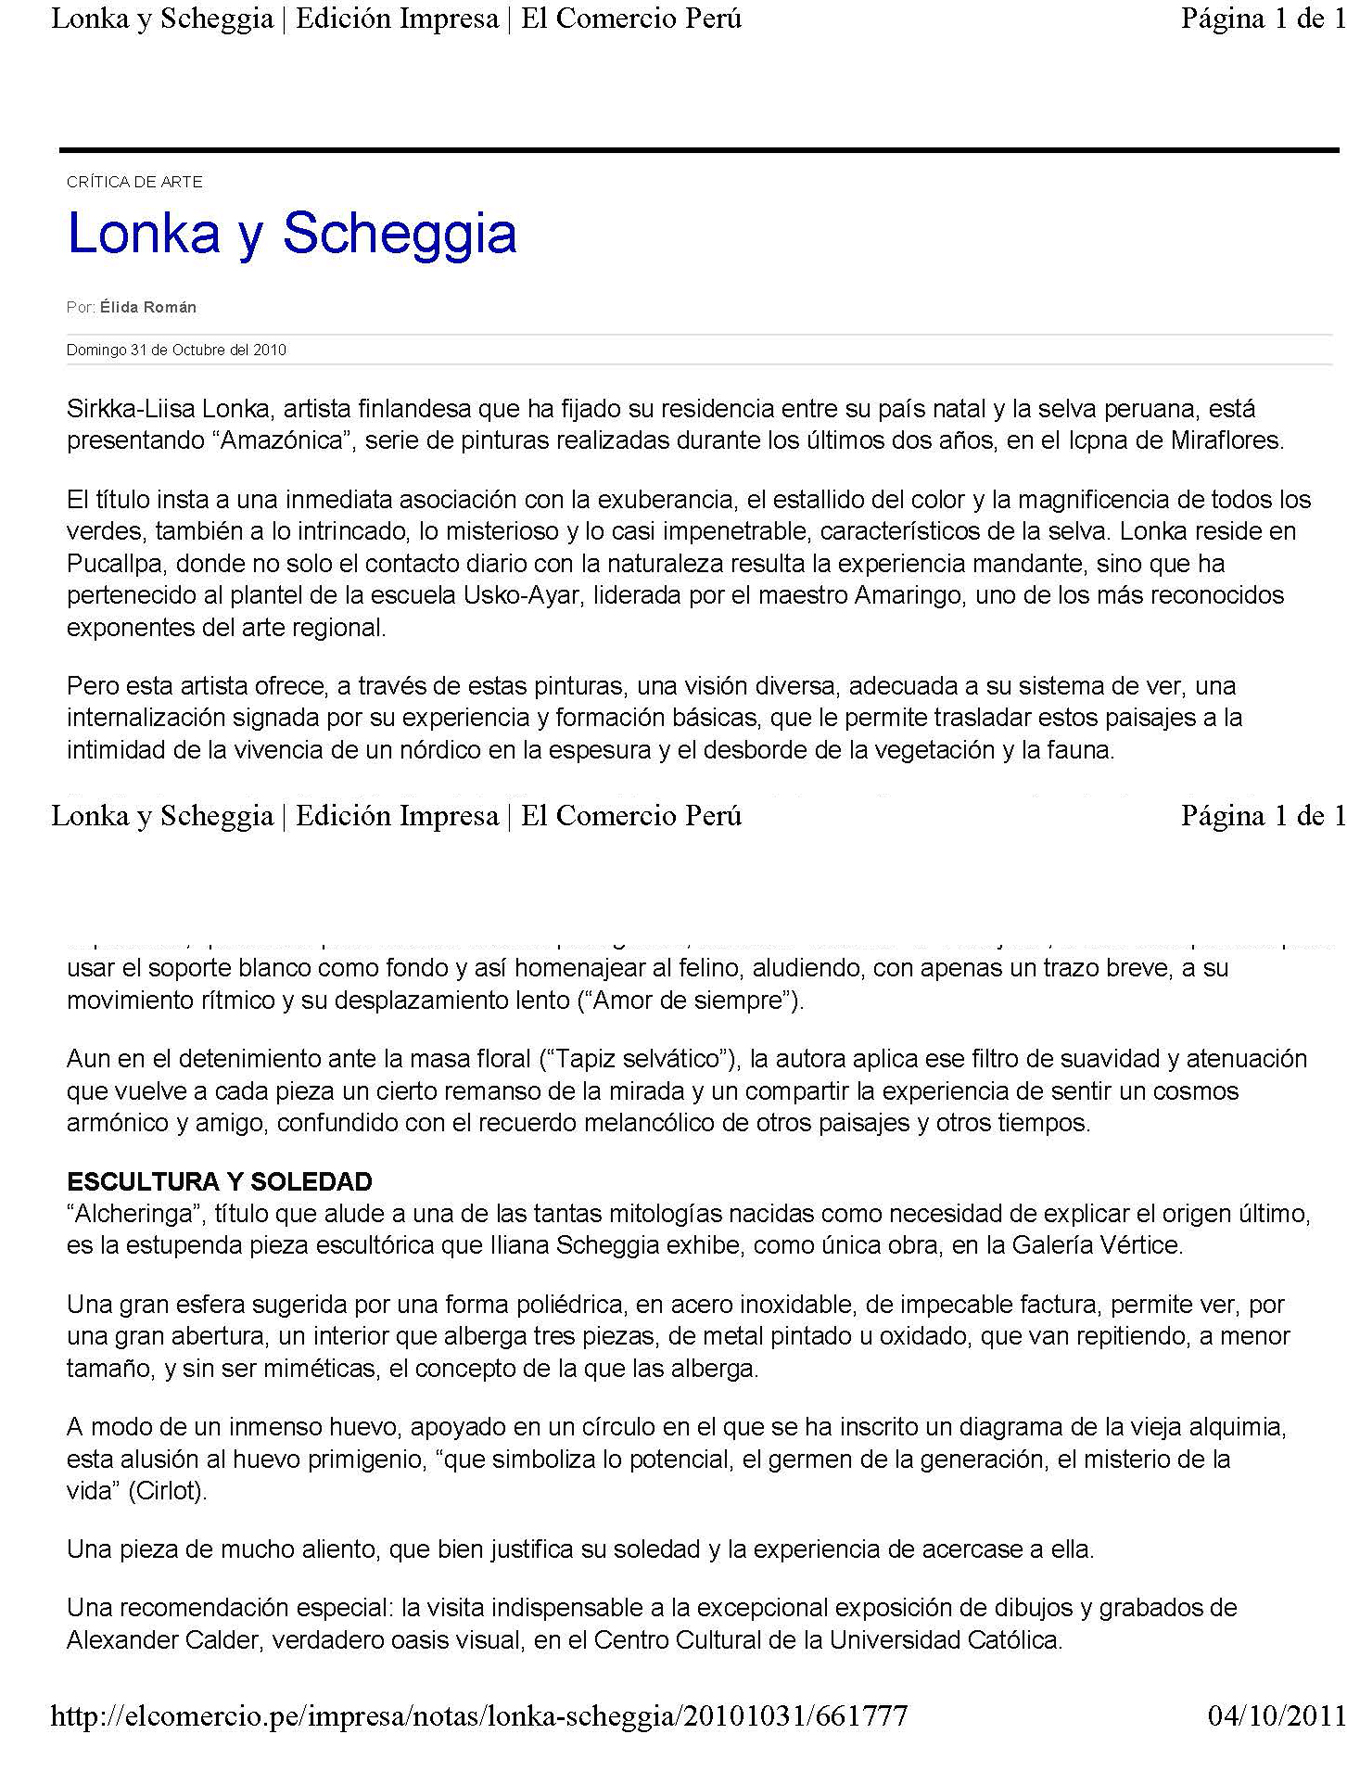 Lonka y Scheggia